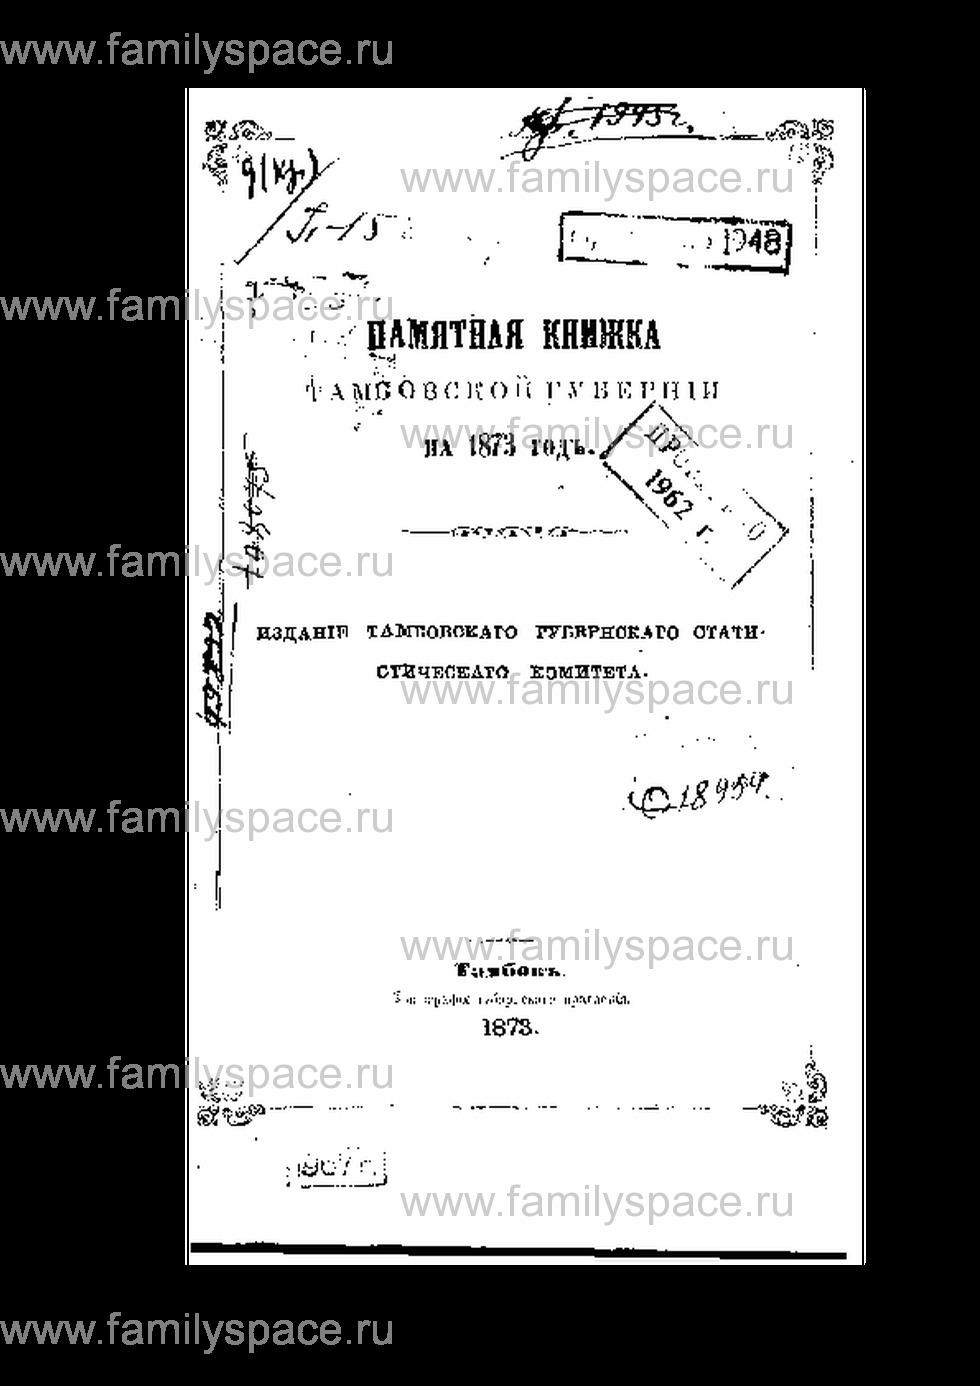 Поиск по фамилии - Памятная книжка Тамбовской губернии на 1873 г, страница 1